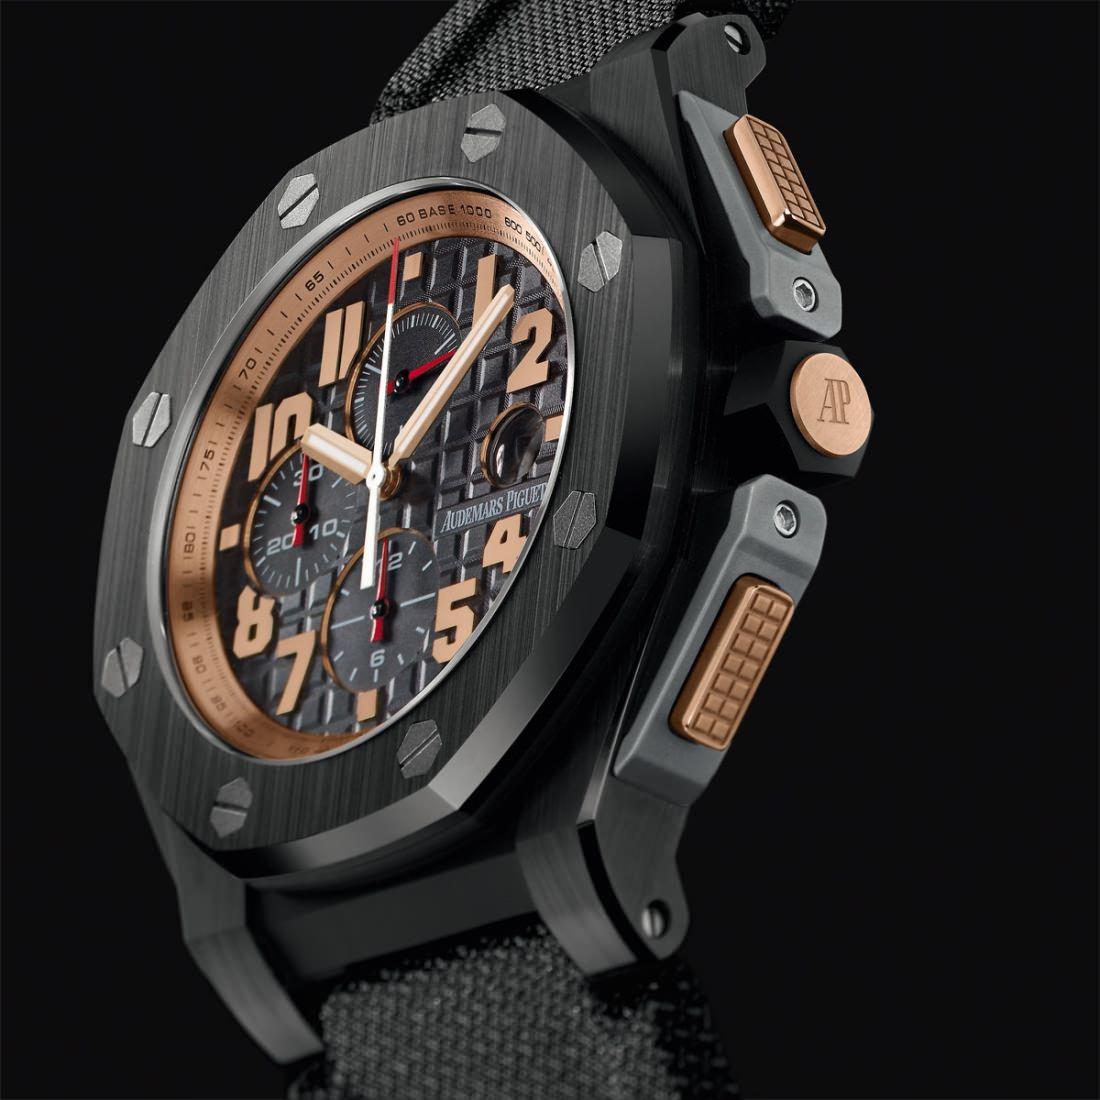 Chronographe-Royal-Oak-Offshore-Arnold-Schwarzenegger-3